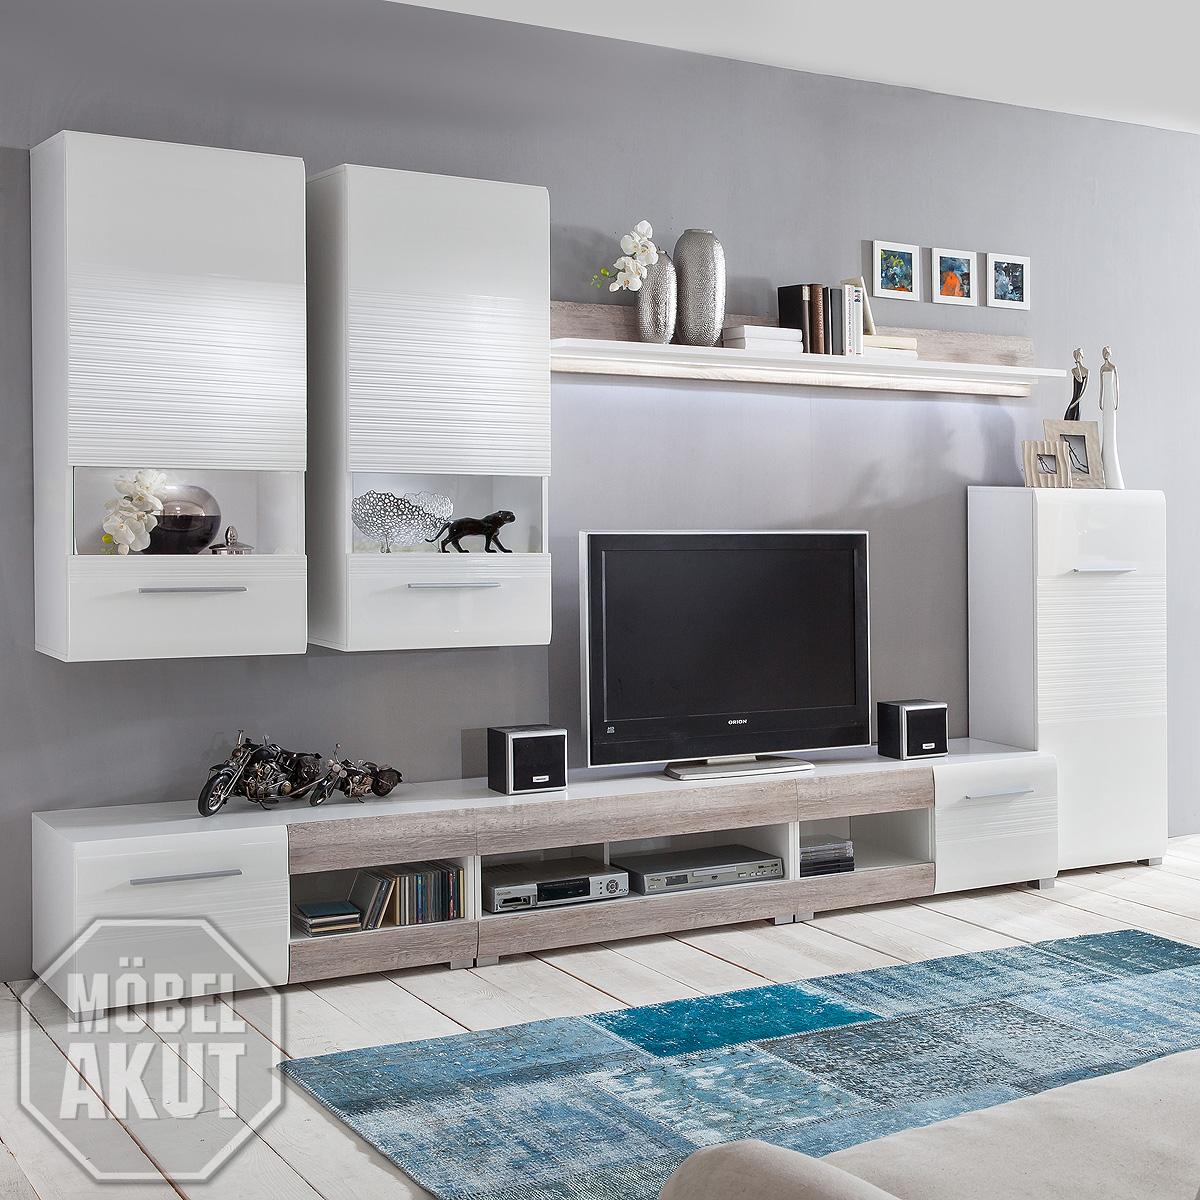 wohnwand items anbauwand wohnzimmer weiss hochglanz casablanca eiche. Black Bedroom Furniture Sets. Home Design Ideas